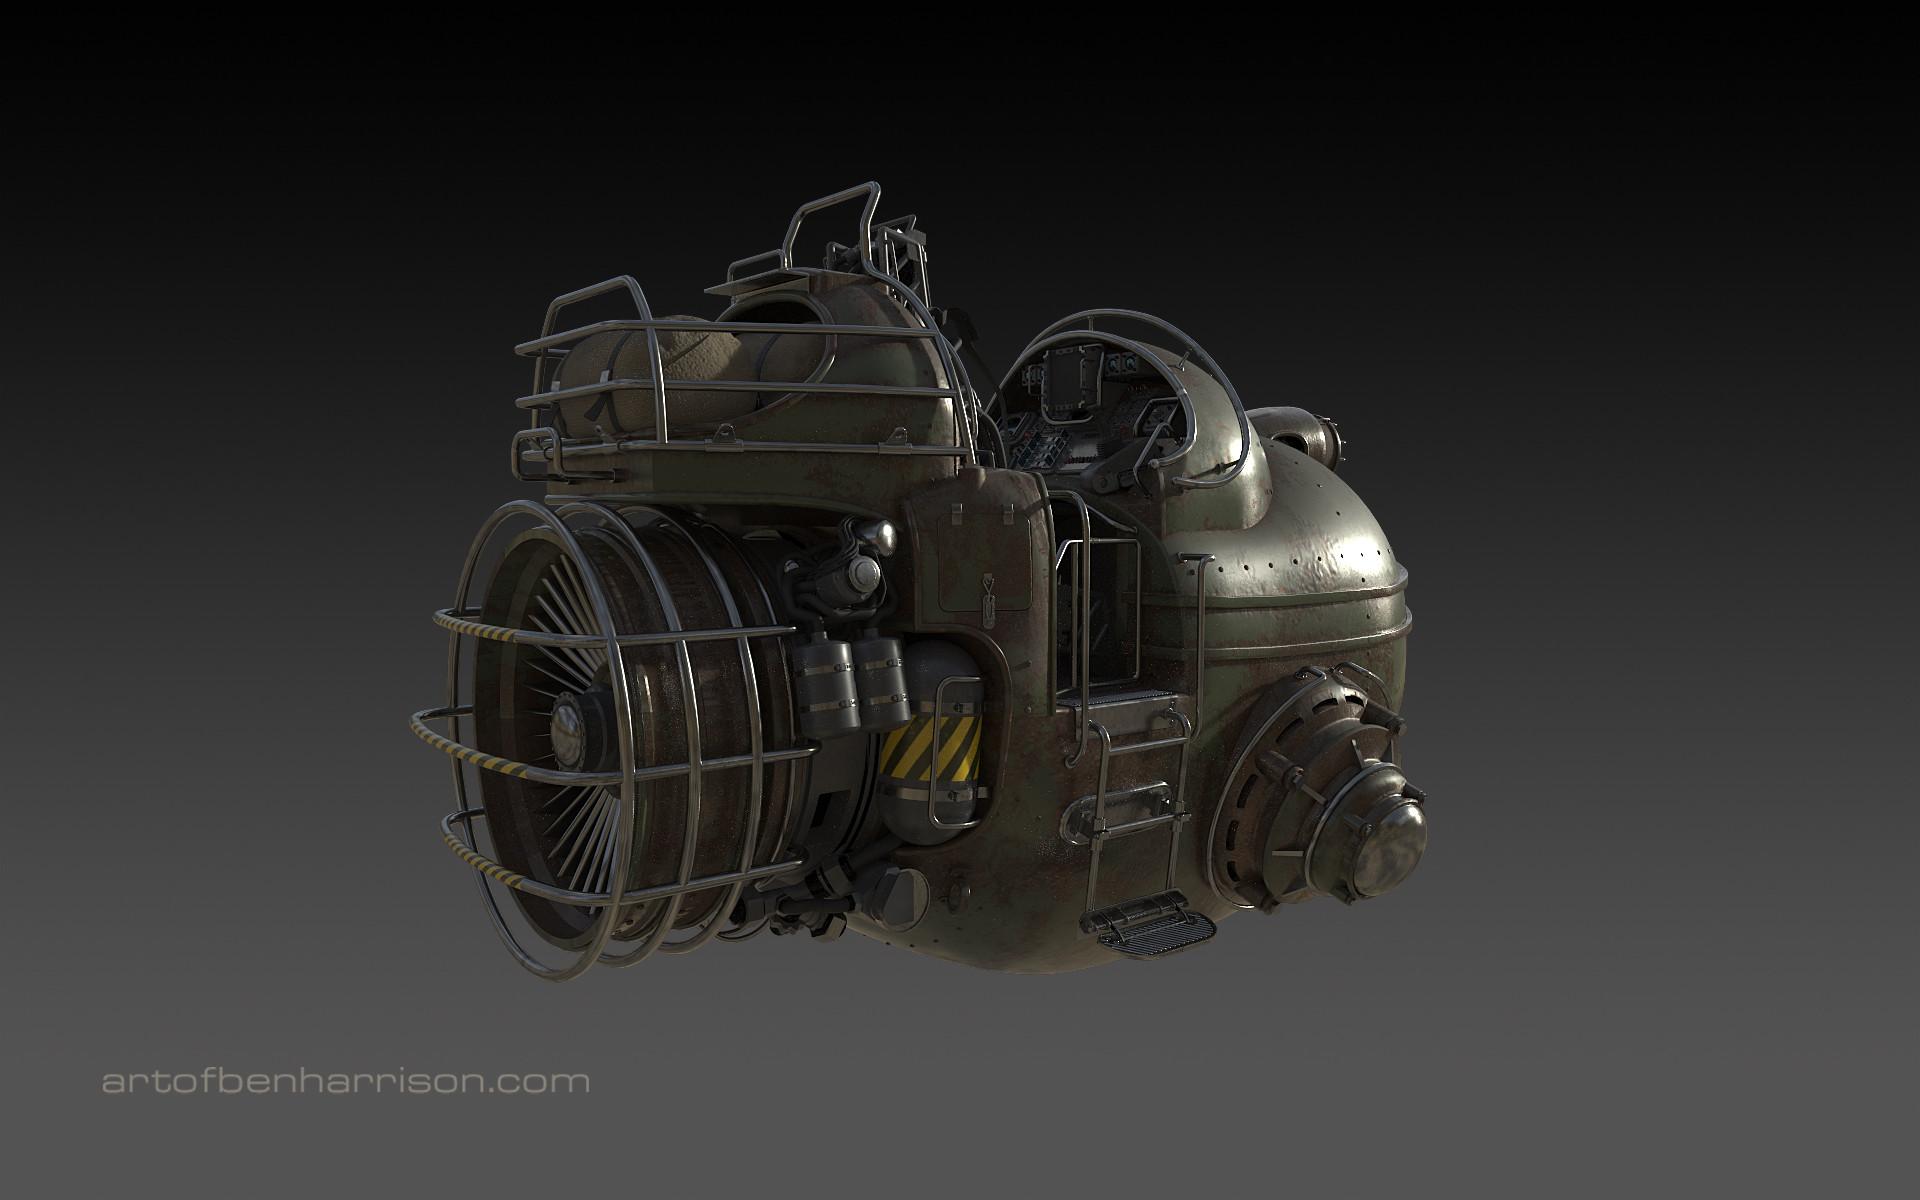 Ben harrison speeder02